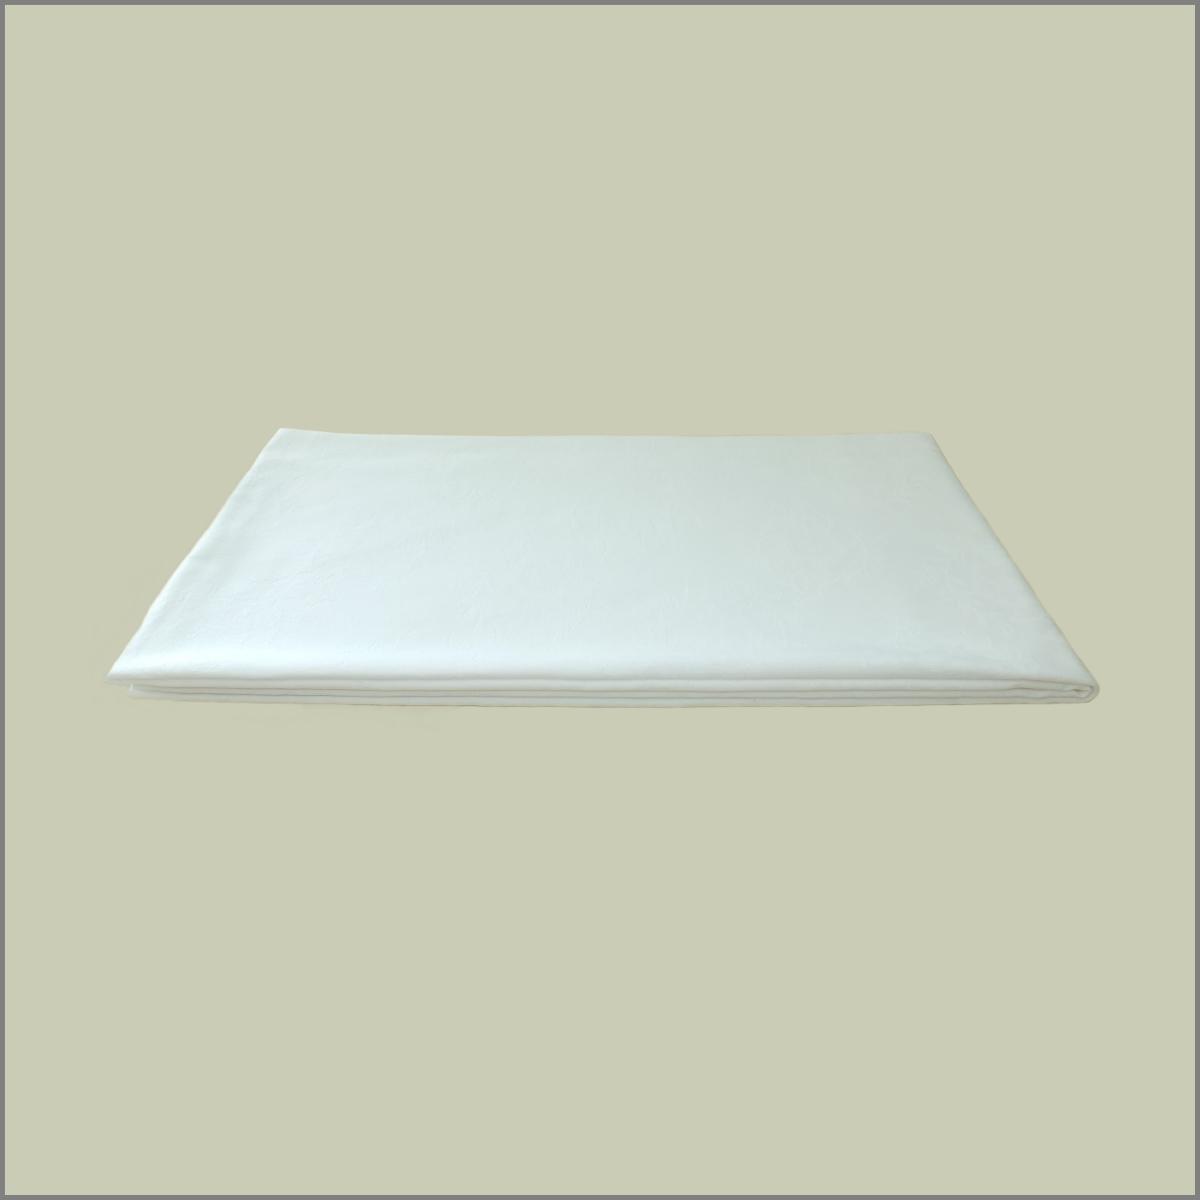 Nappe blanche pour table 183x76